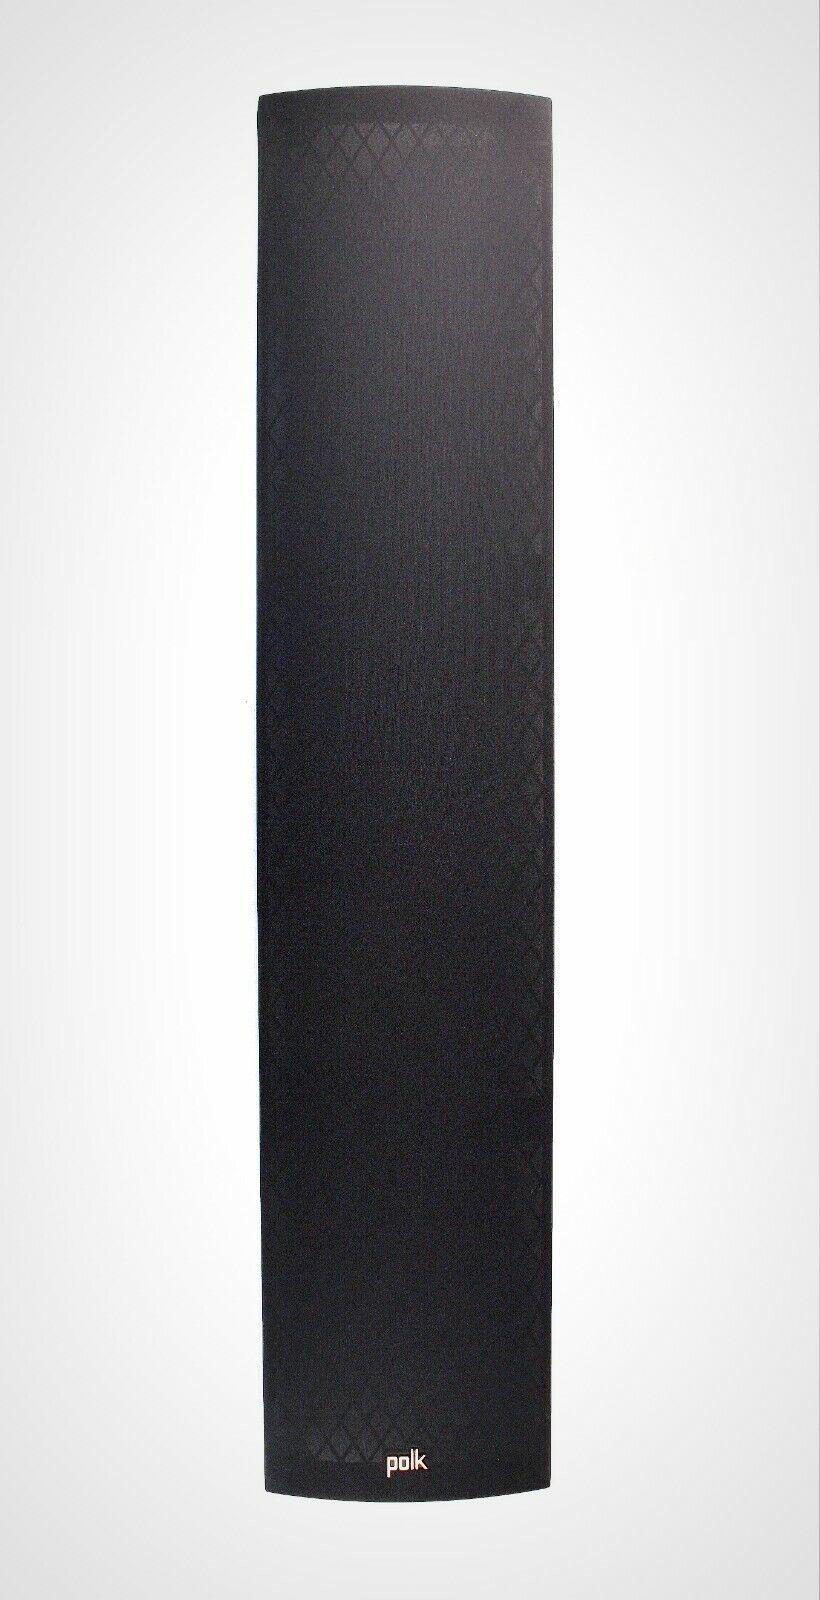 Part Speaker Cover For Polk Audio T50 Floor Standing Tower Speaker - 912ok - $32.95